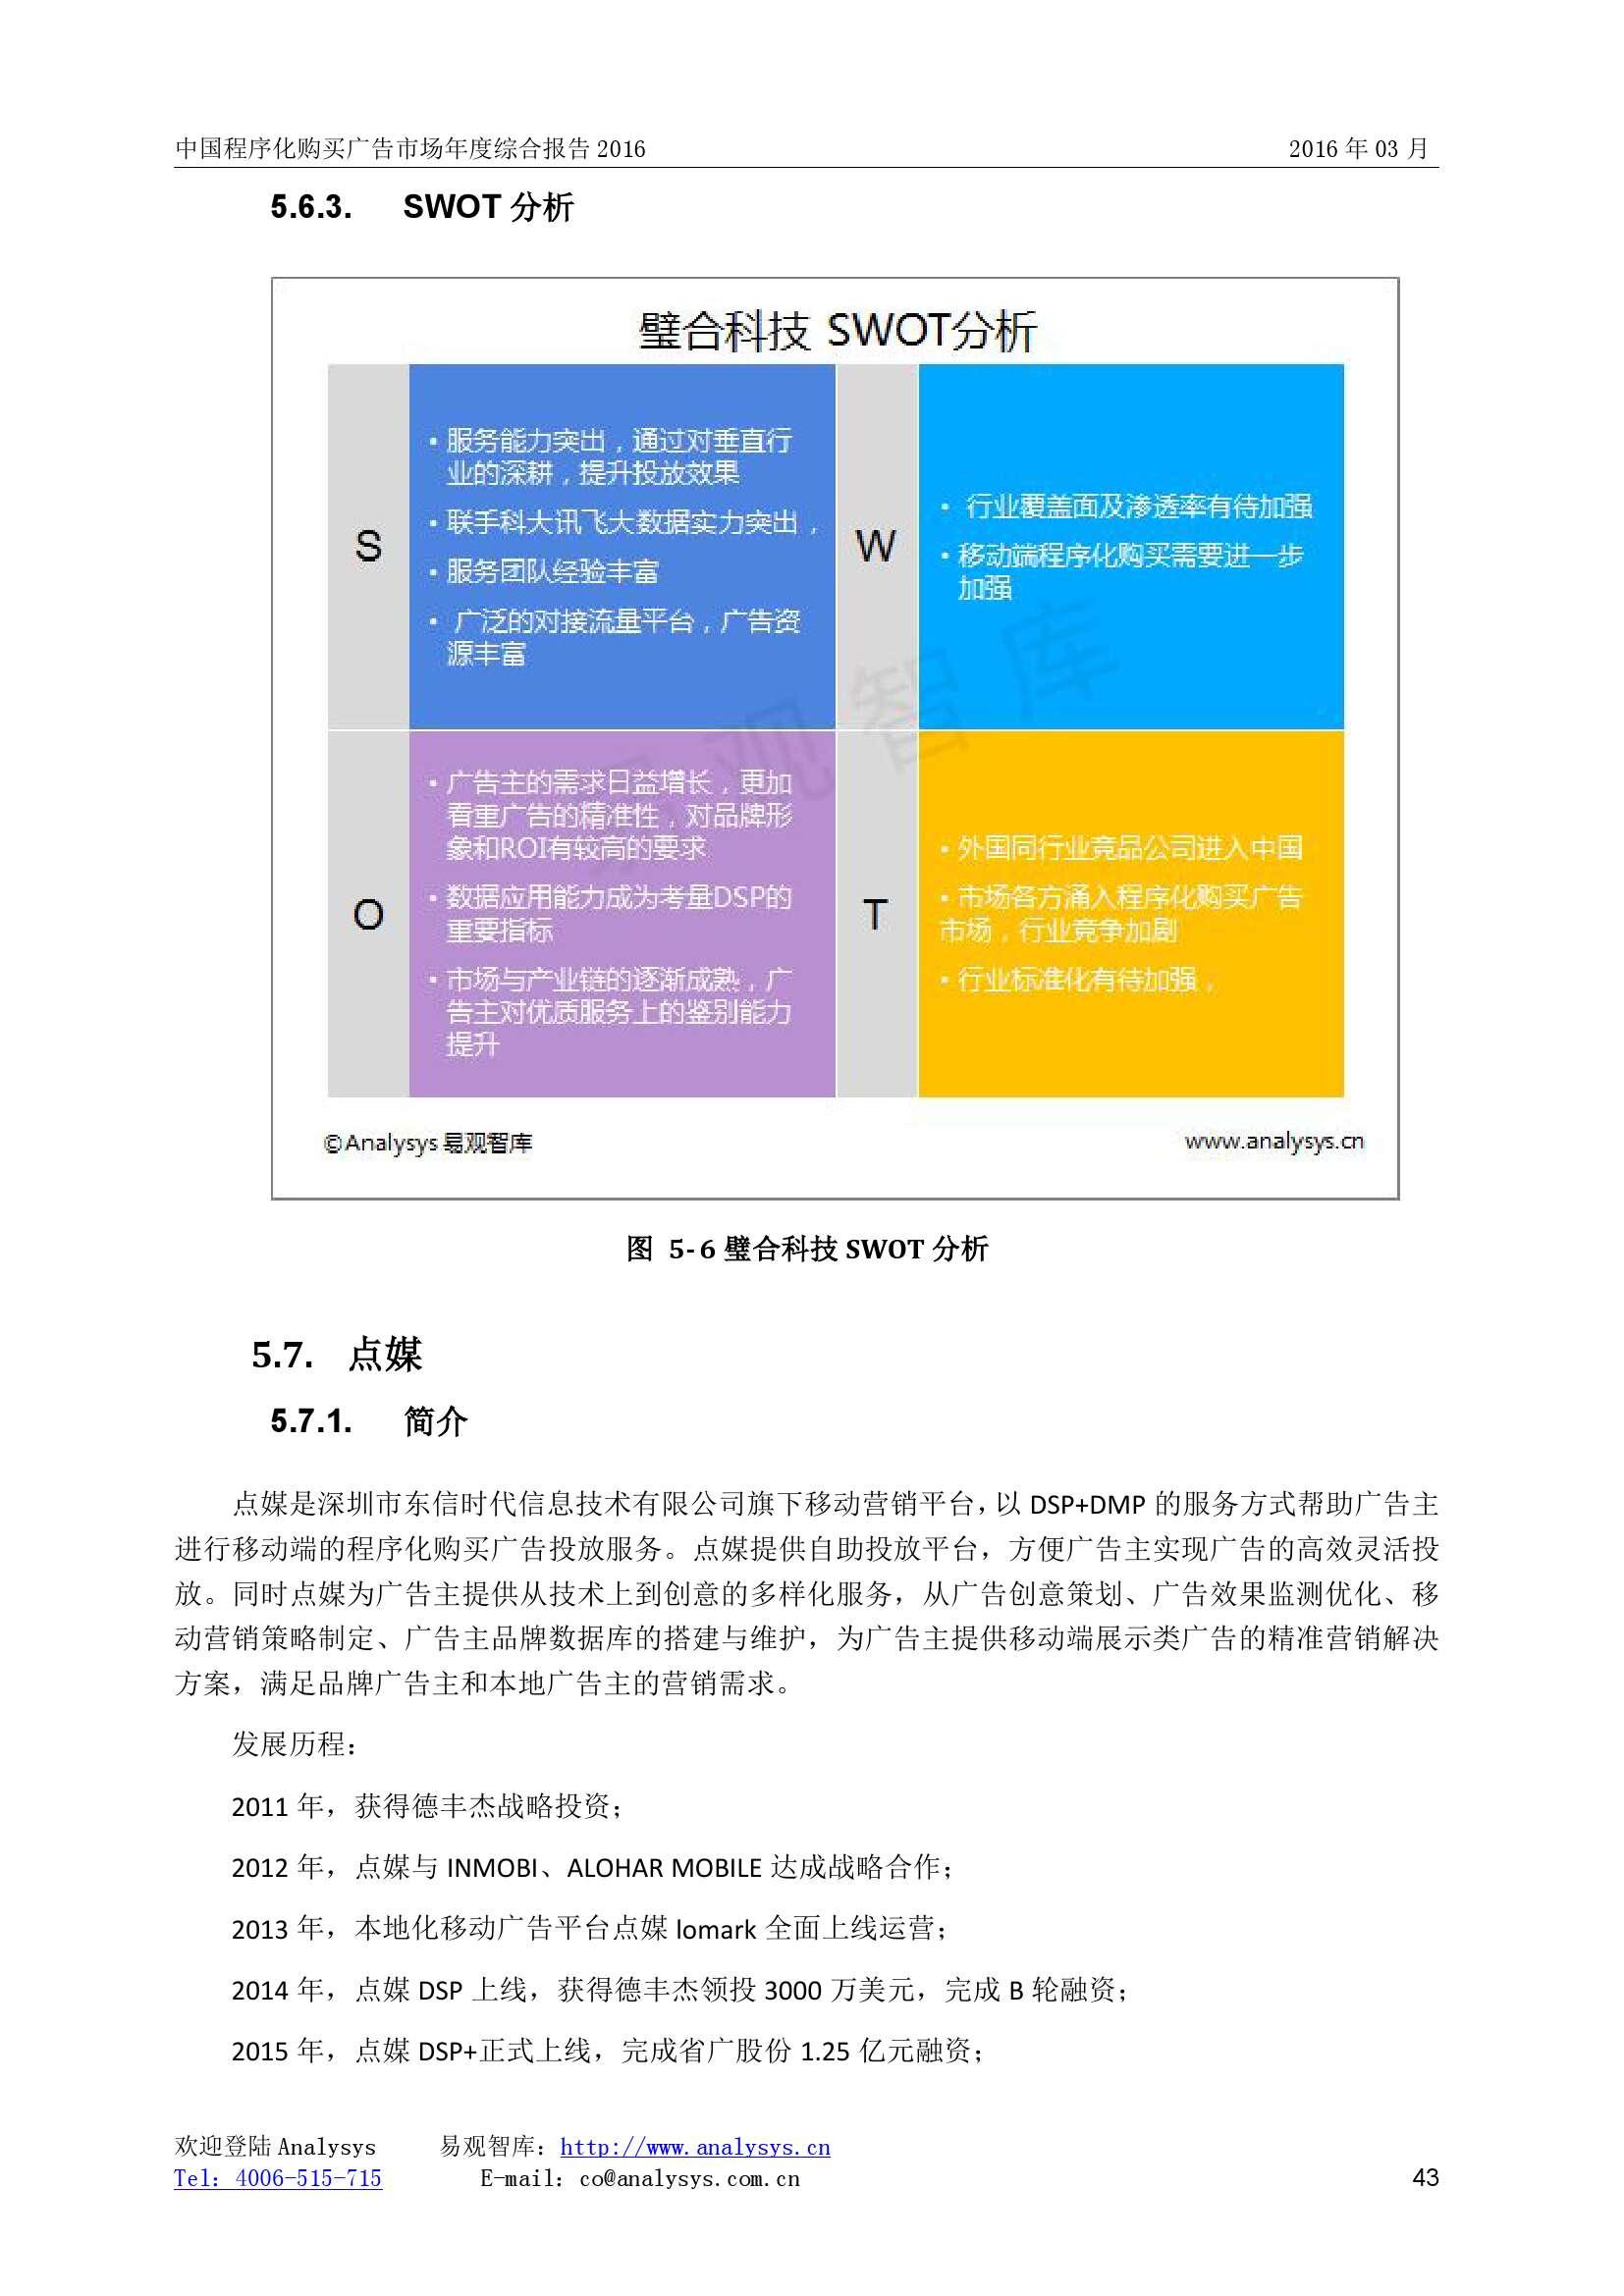 中国程序化购买广告市场年度综合报告2016_000043